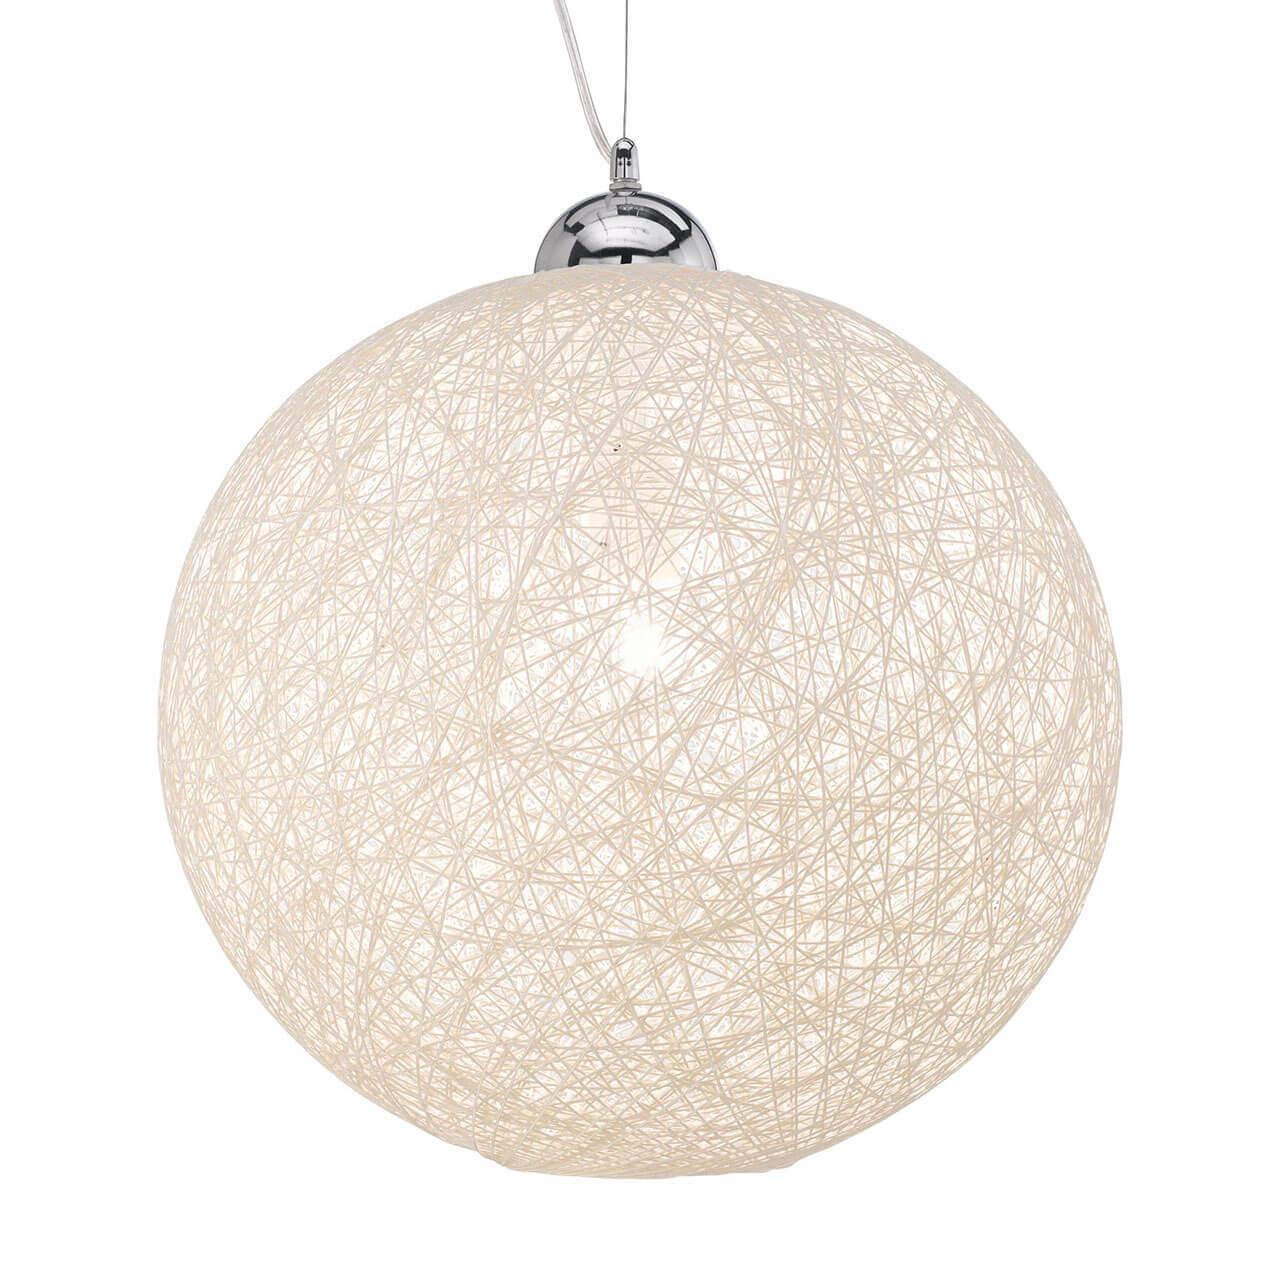 Светильник Ideal Lux Basket SP1 D40 Basket светильник ideal lux emis sp1 d40